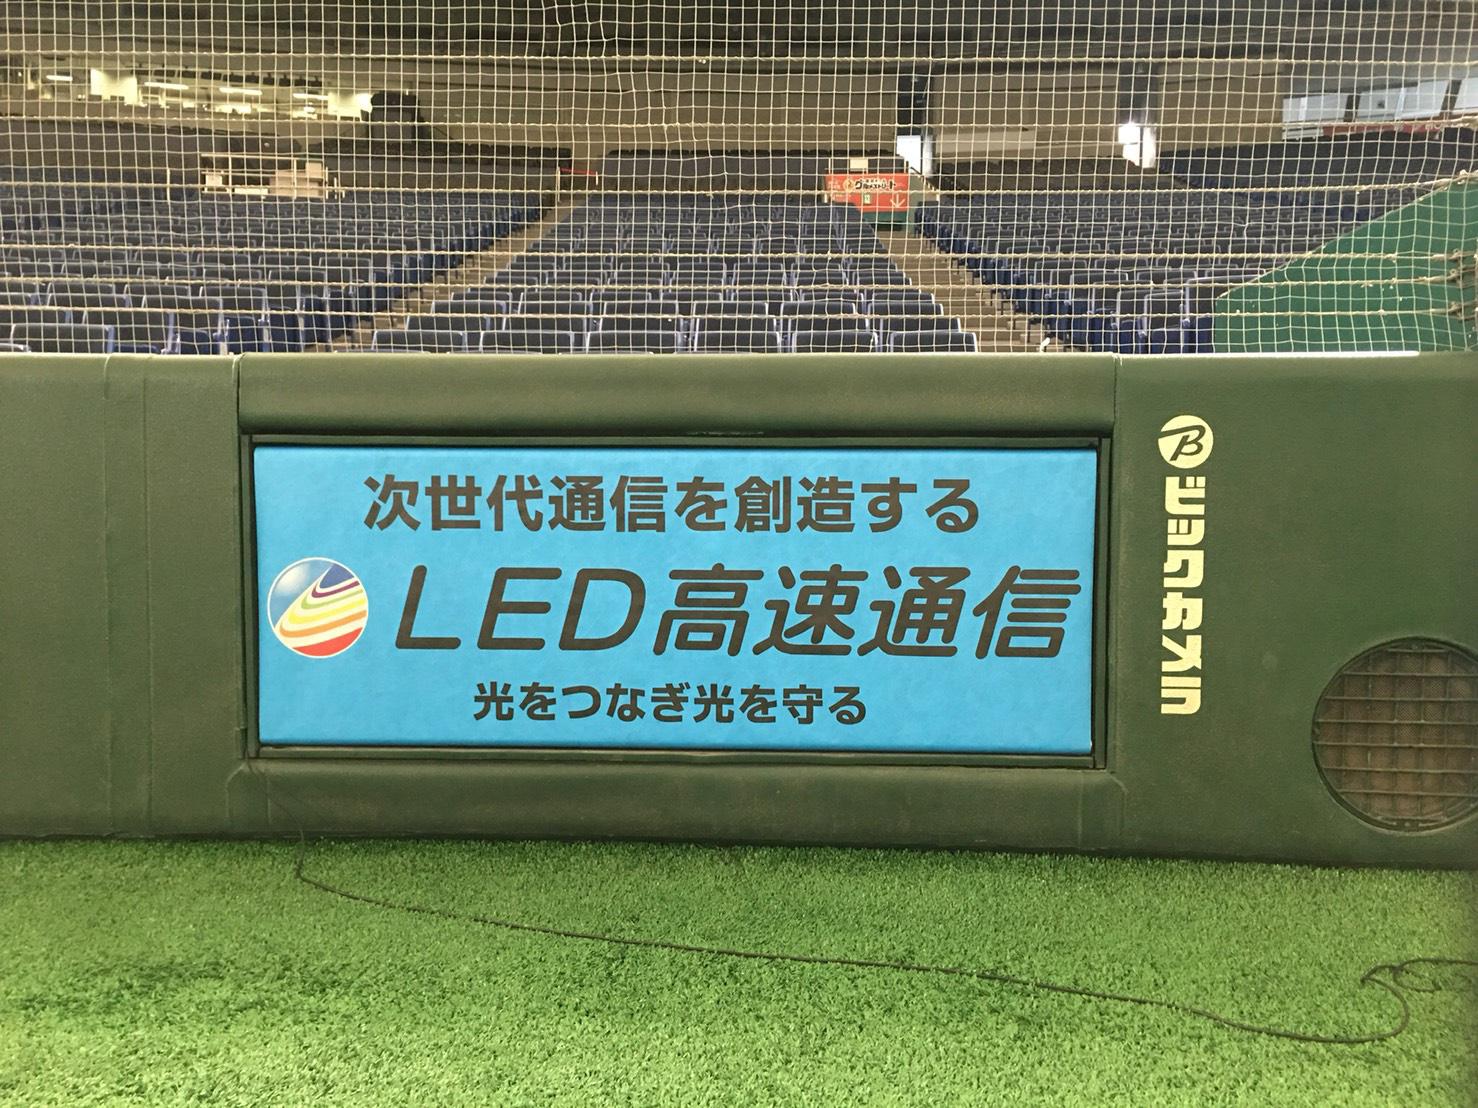 東京ドームバックネット裏LED高速通信